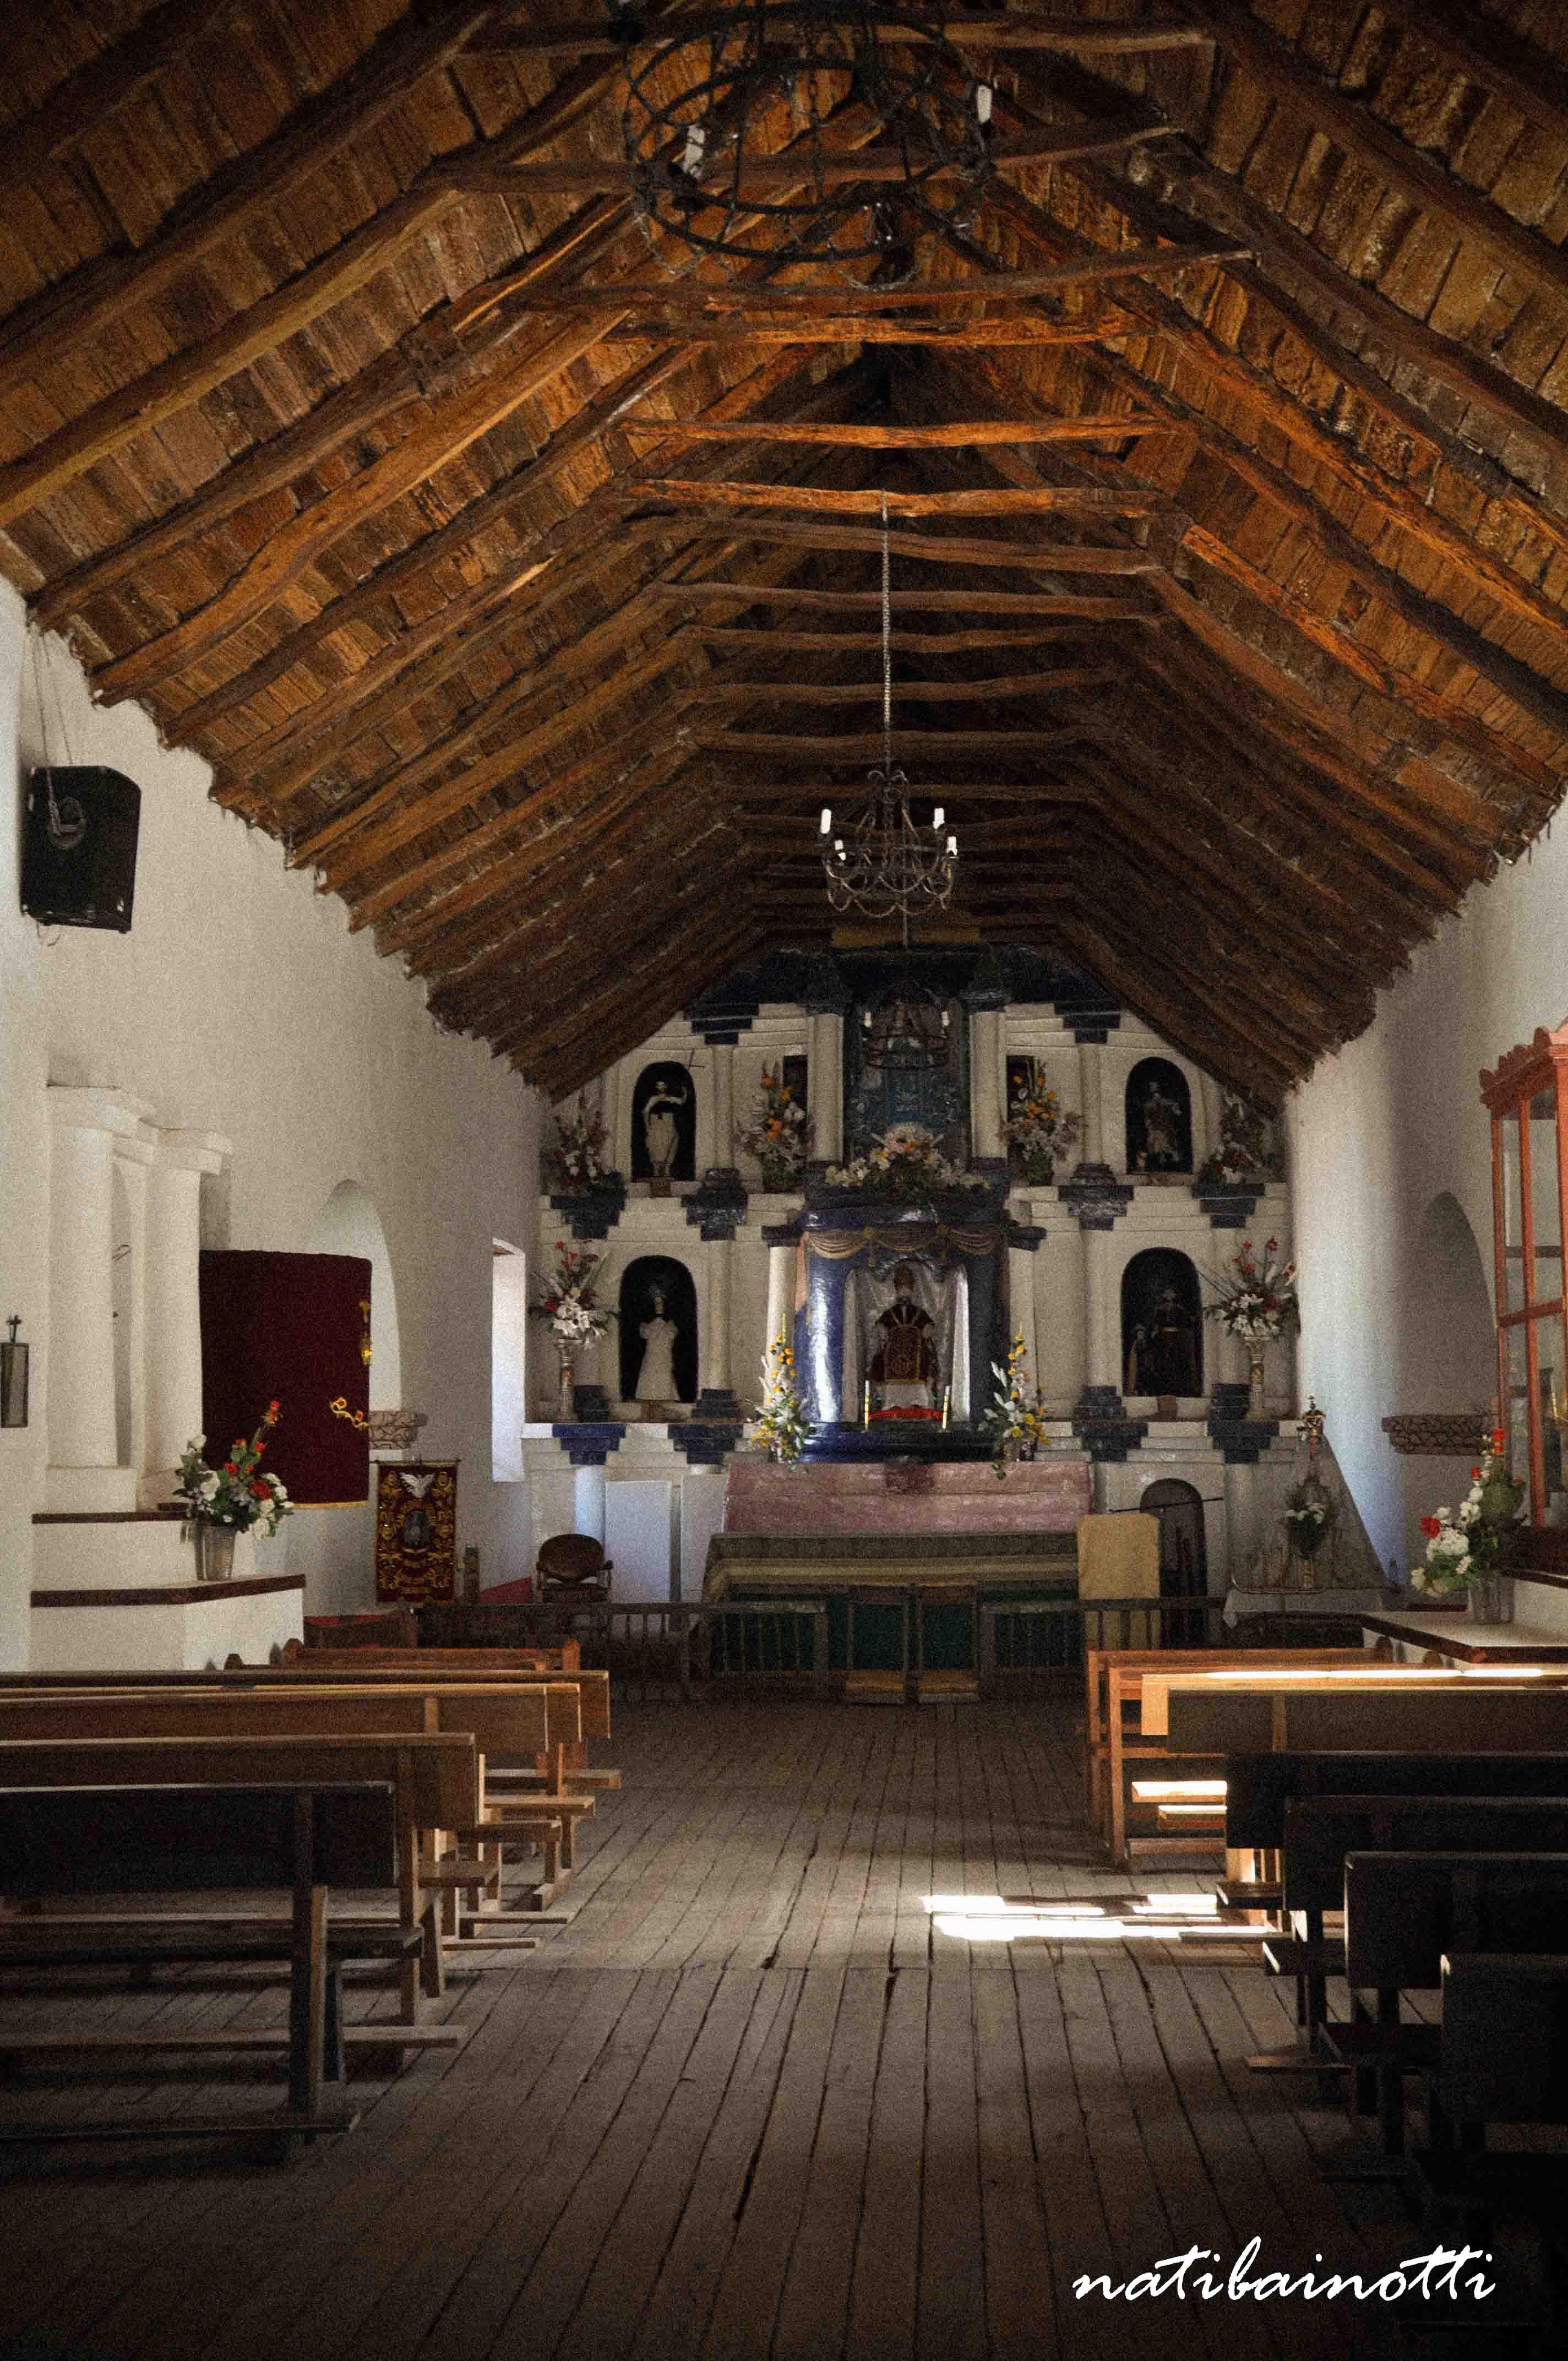 La iglesia por dentro, con su techo de cactus.